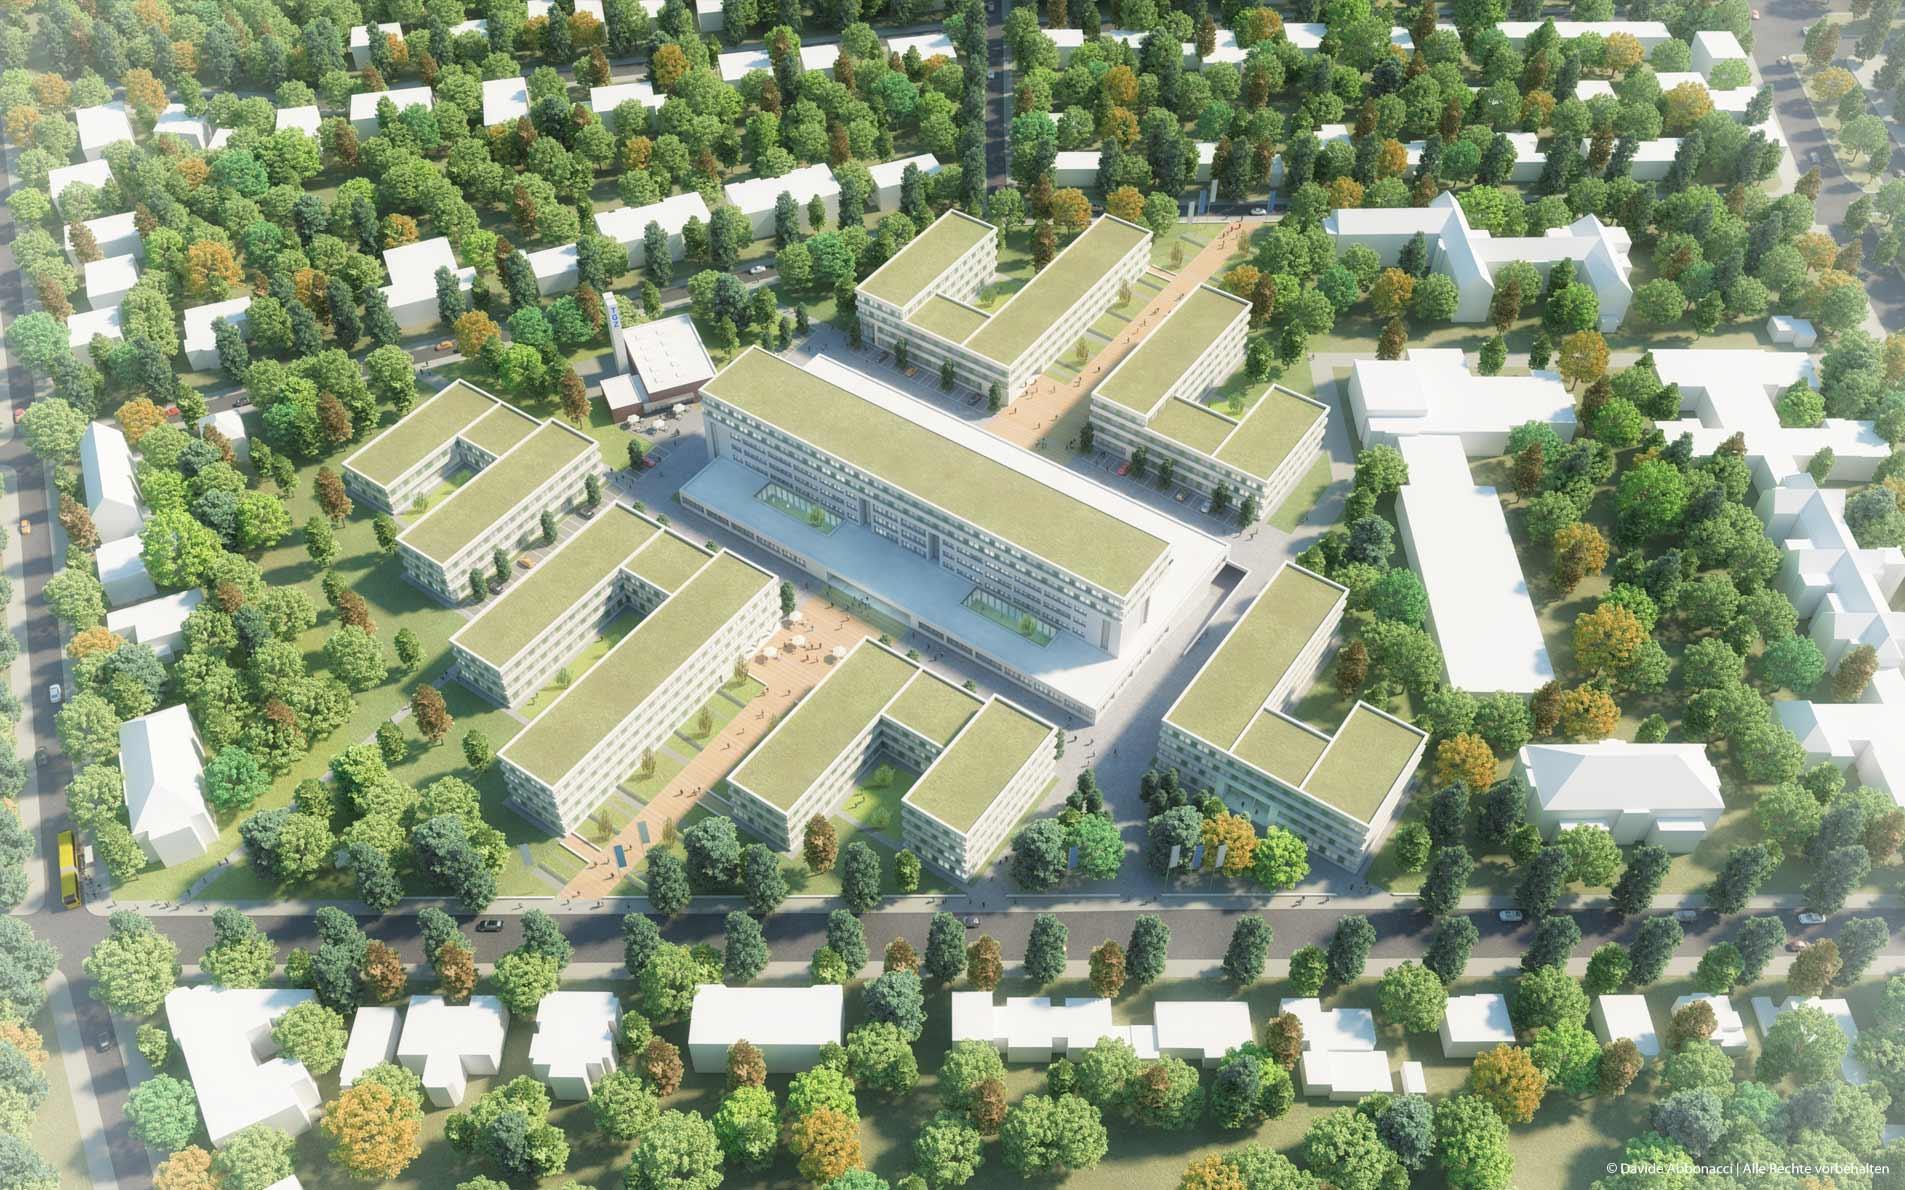 Technologie- und Gründerzentrum Südwest, Berlin | Numrich Albrecht Klumpp Architekten | 2015 Masterplan